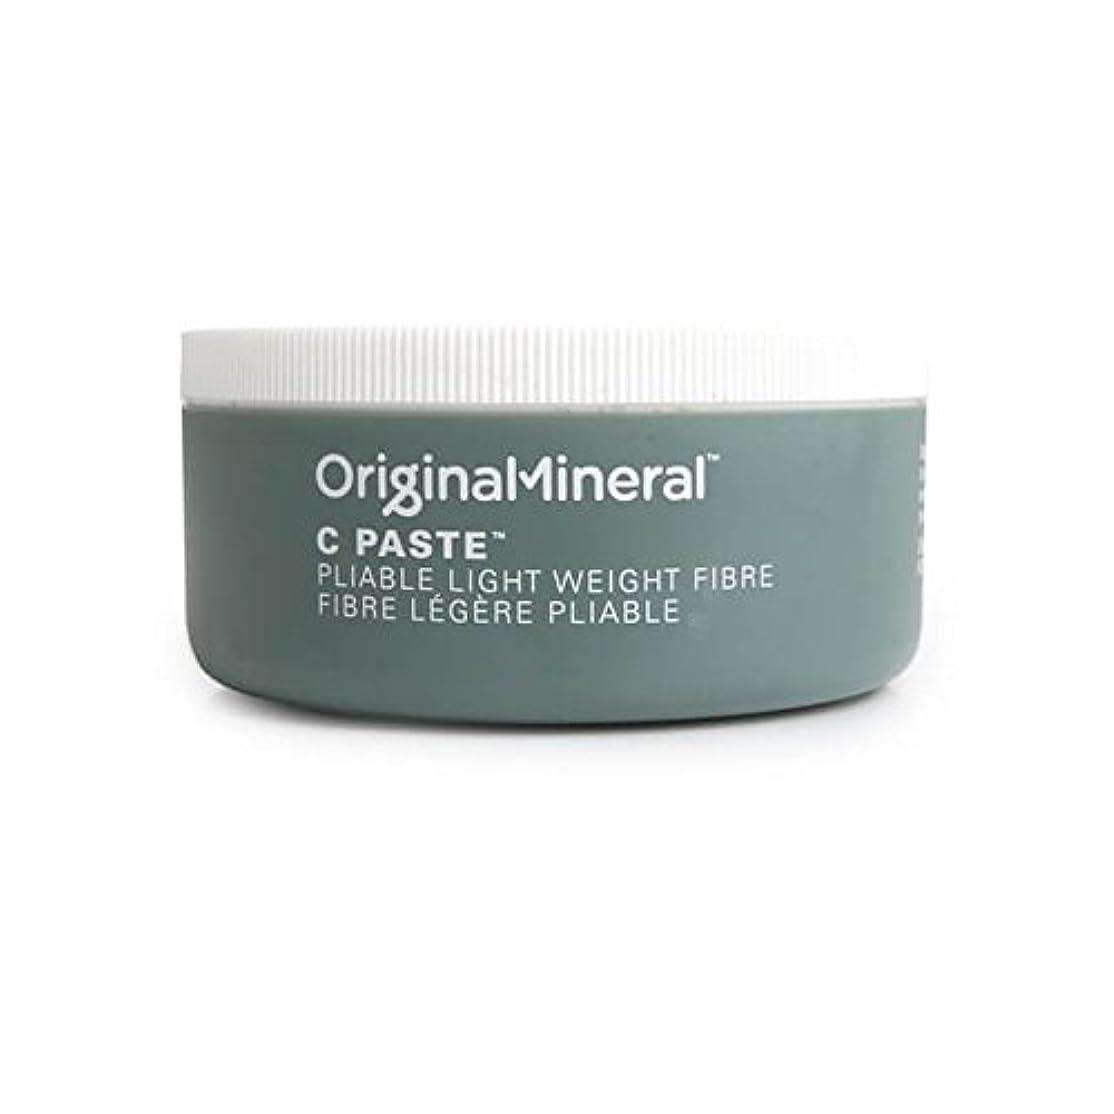 見分ける消毒する論争的Original & Mineral C-Paste Hair Wax (100G) - オリジナル&ミネラルの-ペーストヘアワックス(100グラム) [並行輸入品]